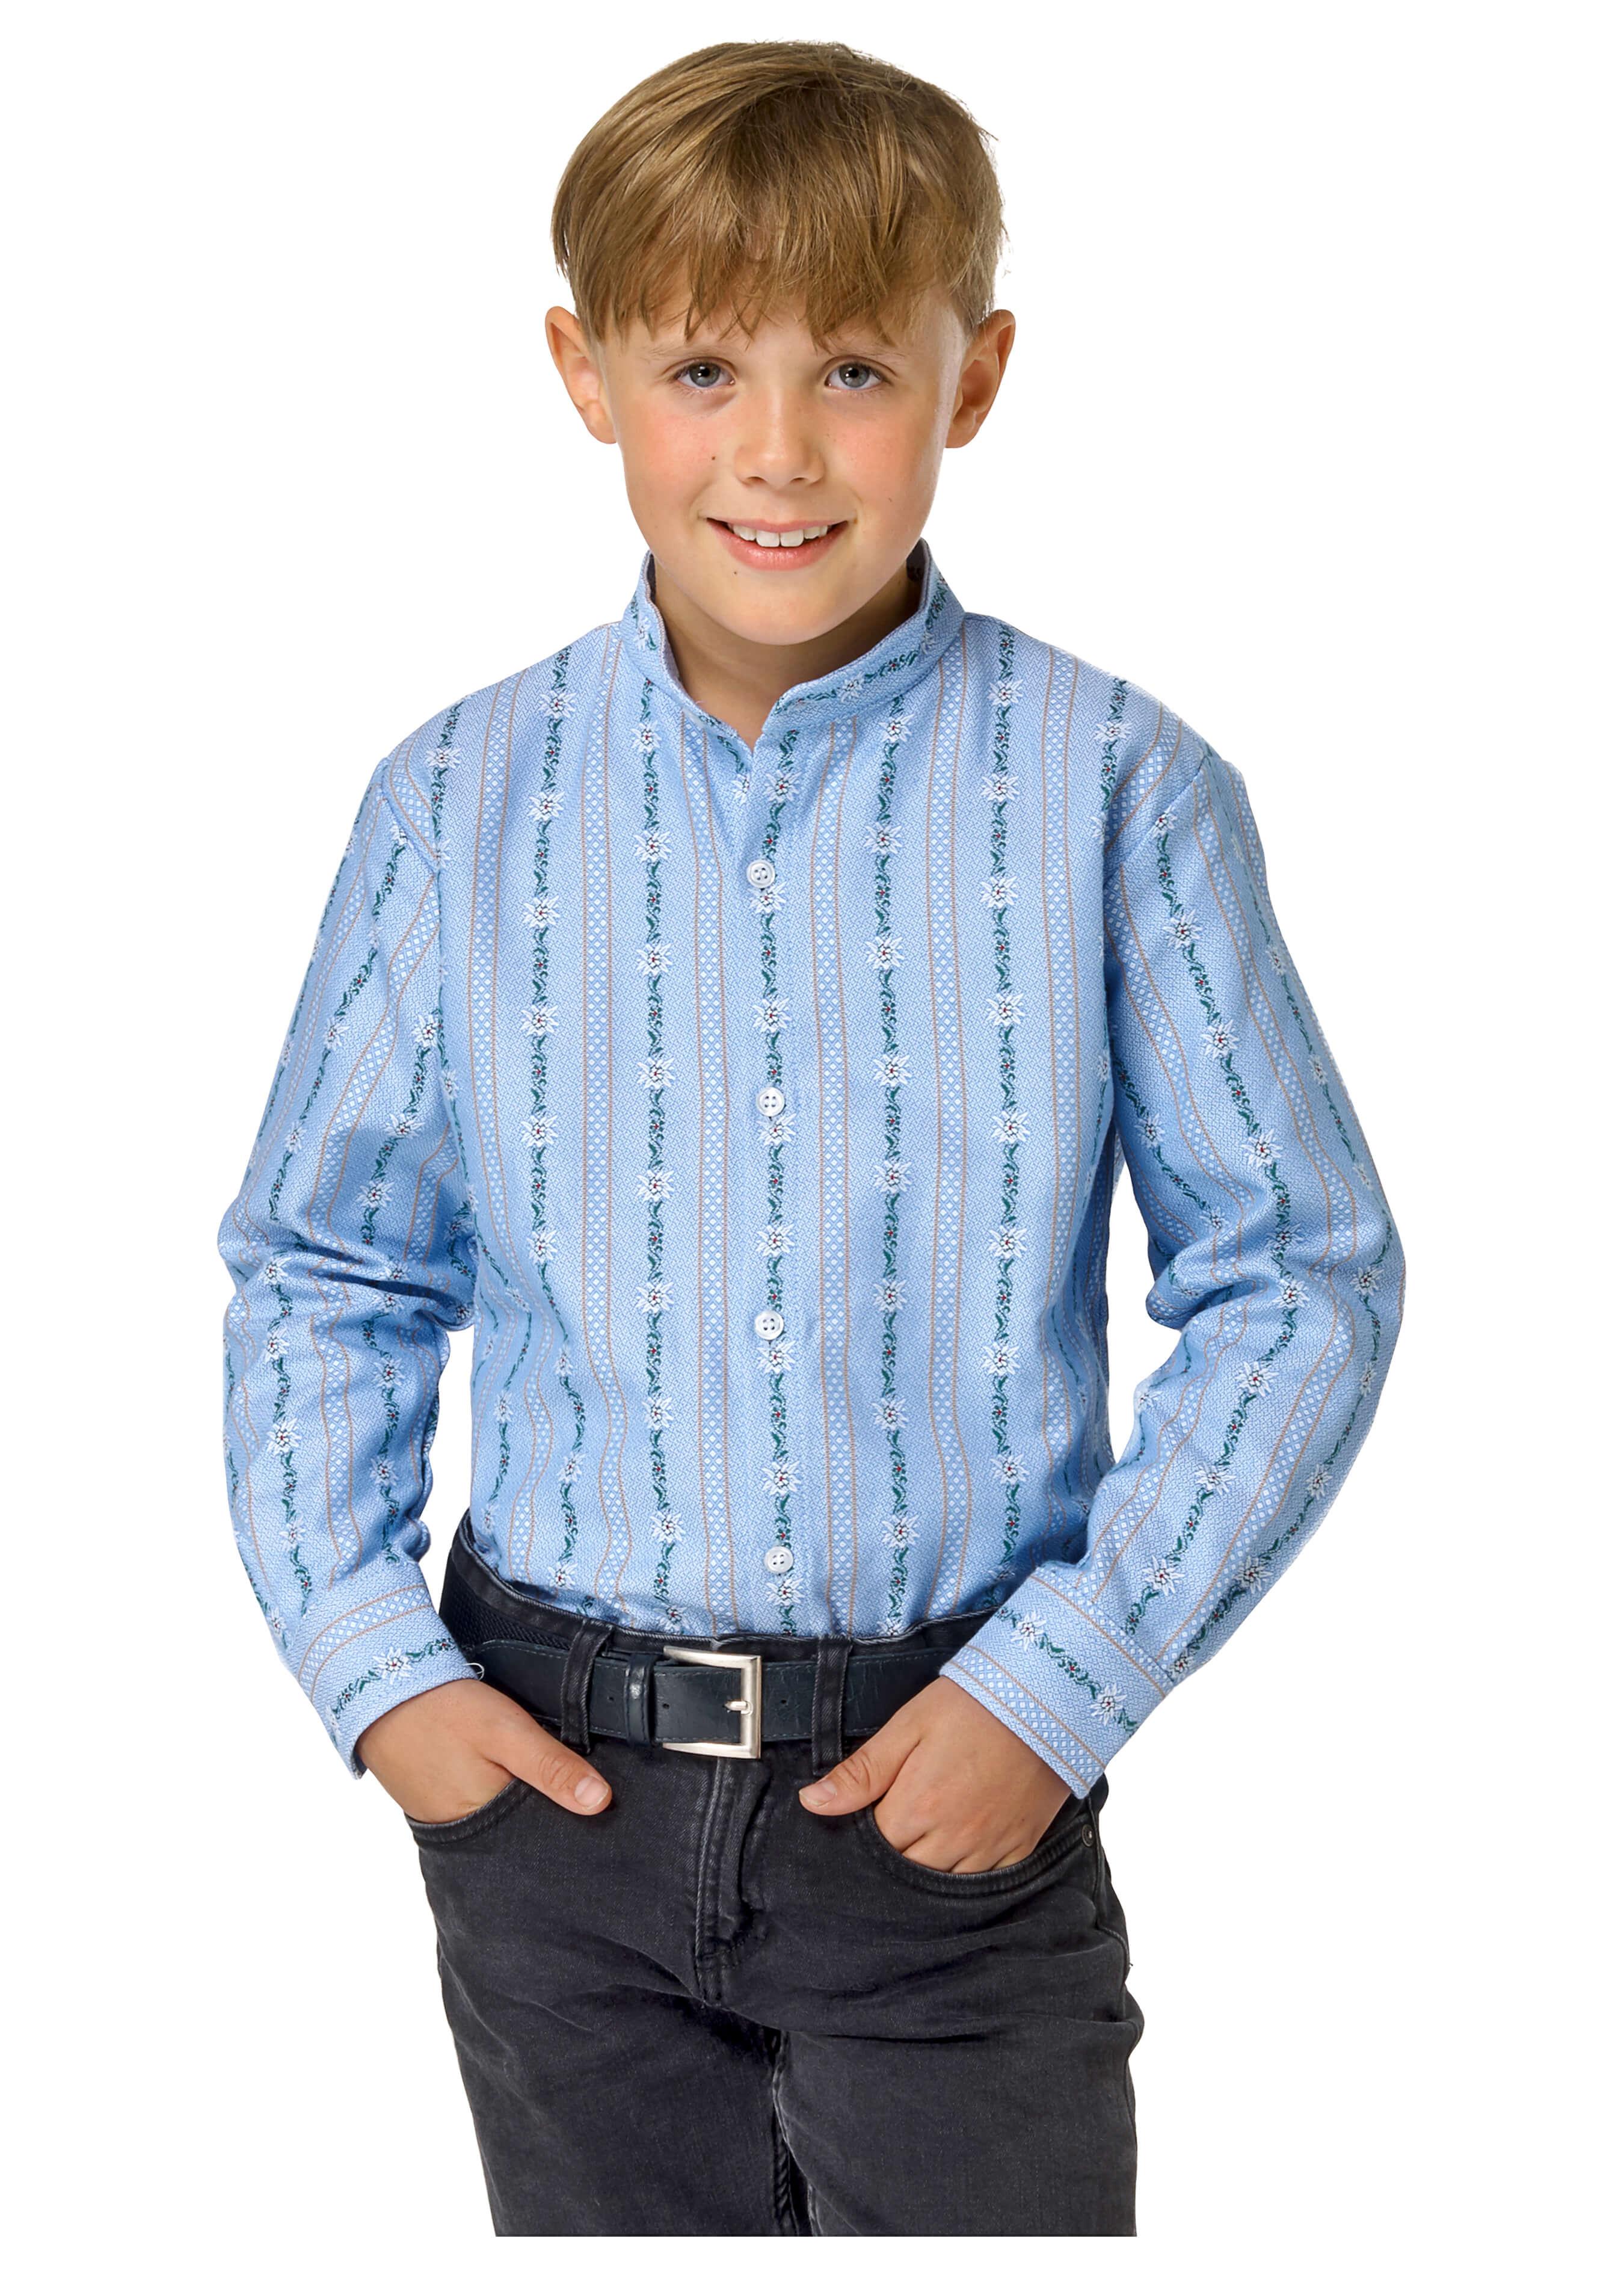 Kinder Edelweiss Hemd langarm ohne Kragen 272636104 3